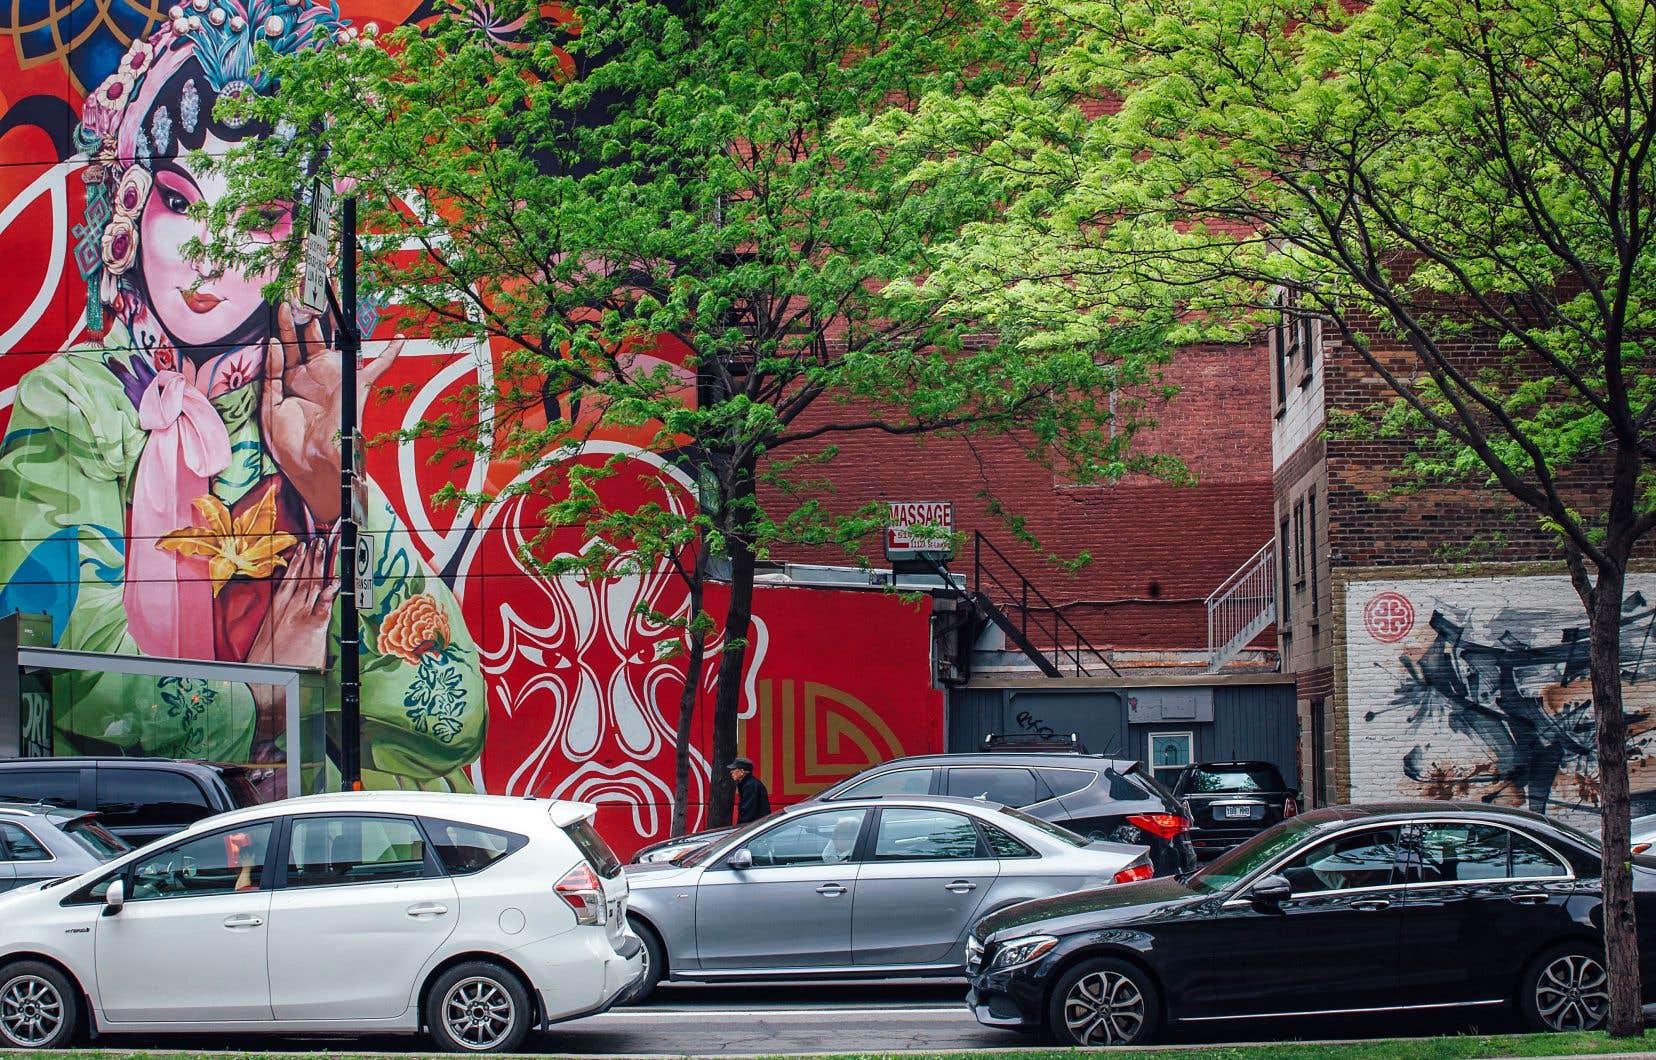 «La légalisation du cannabis cette semaine ne changera pratiquement rien en ce qui concerne l'application du Code de la sécurité routière au Québec», affirme André Durocher, le chef de la division des communications du Service de police de la Ville de Montréal.